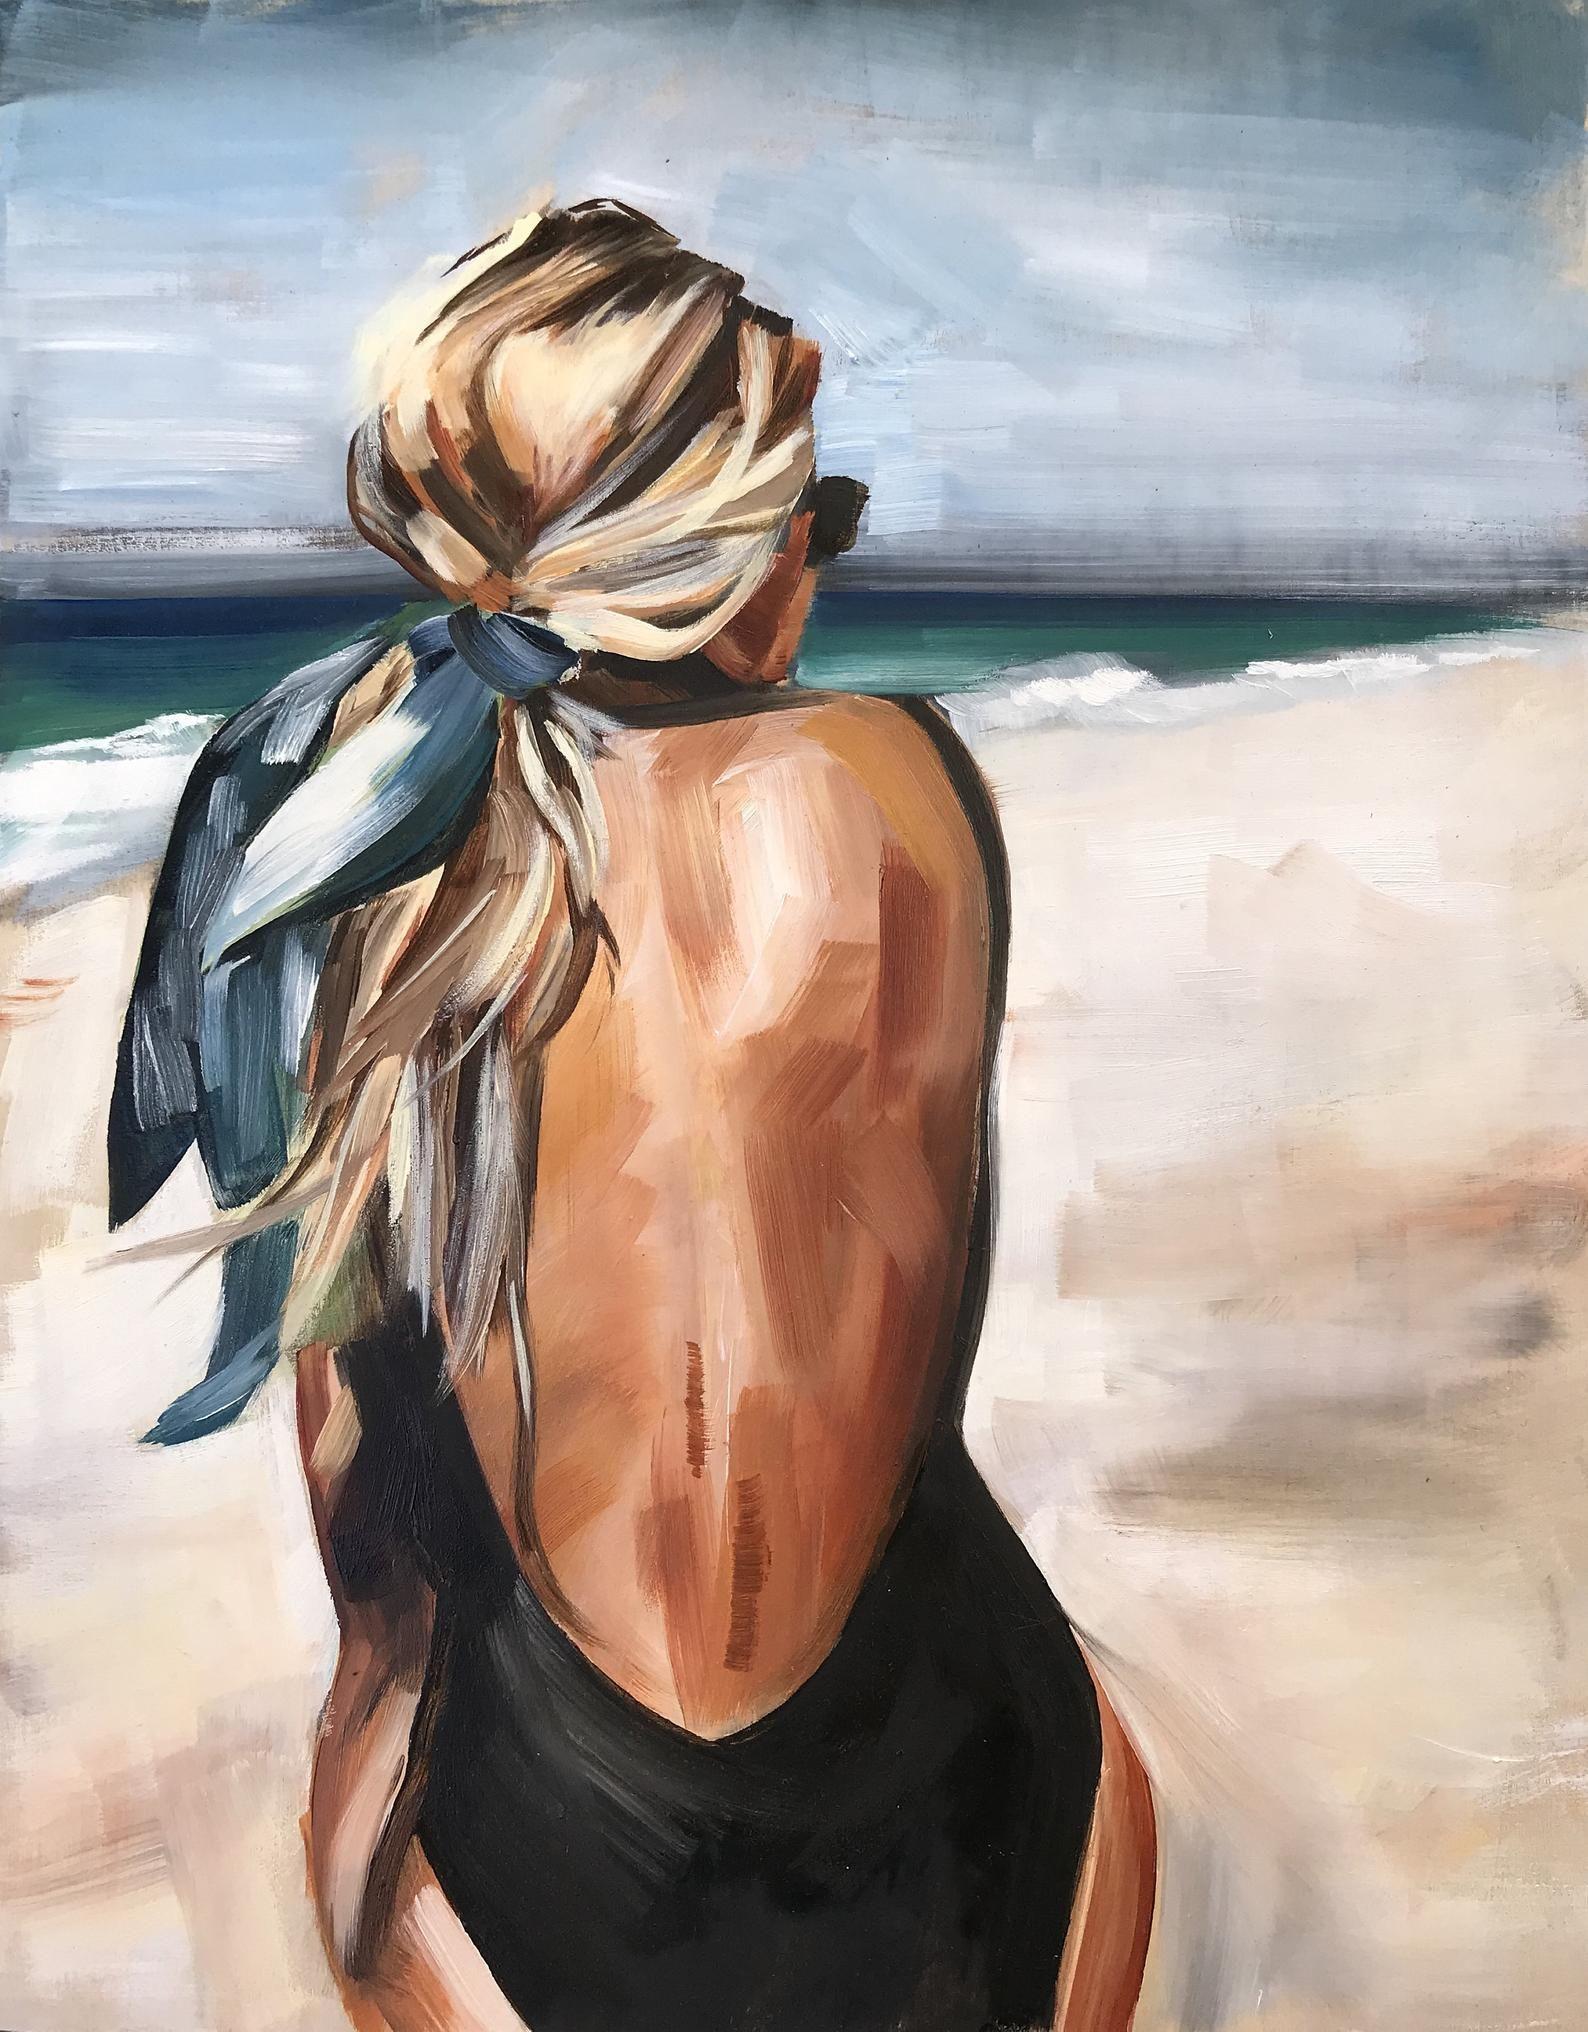 ORIGINAL painting Salty blonde mermaid